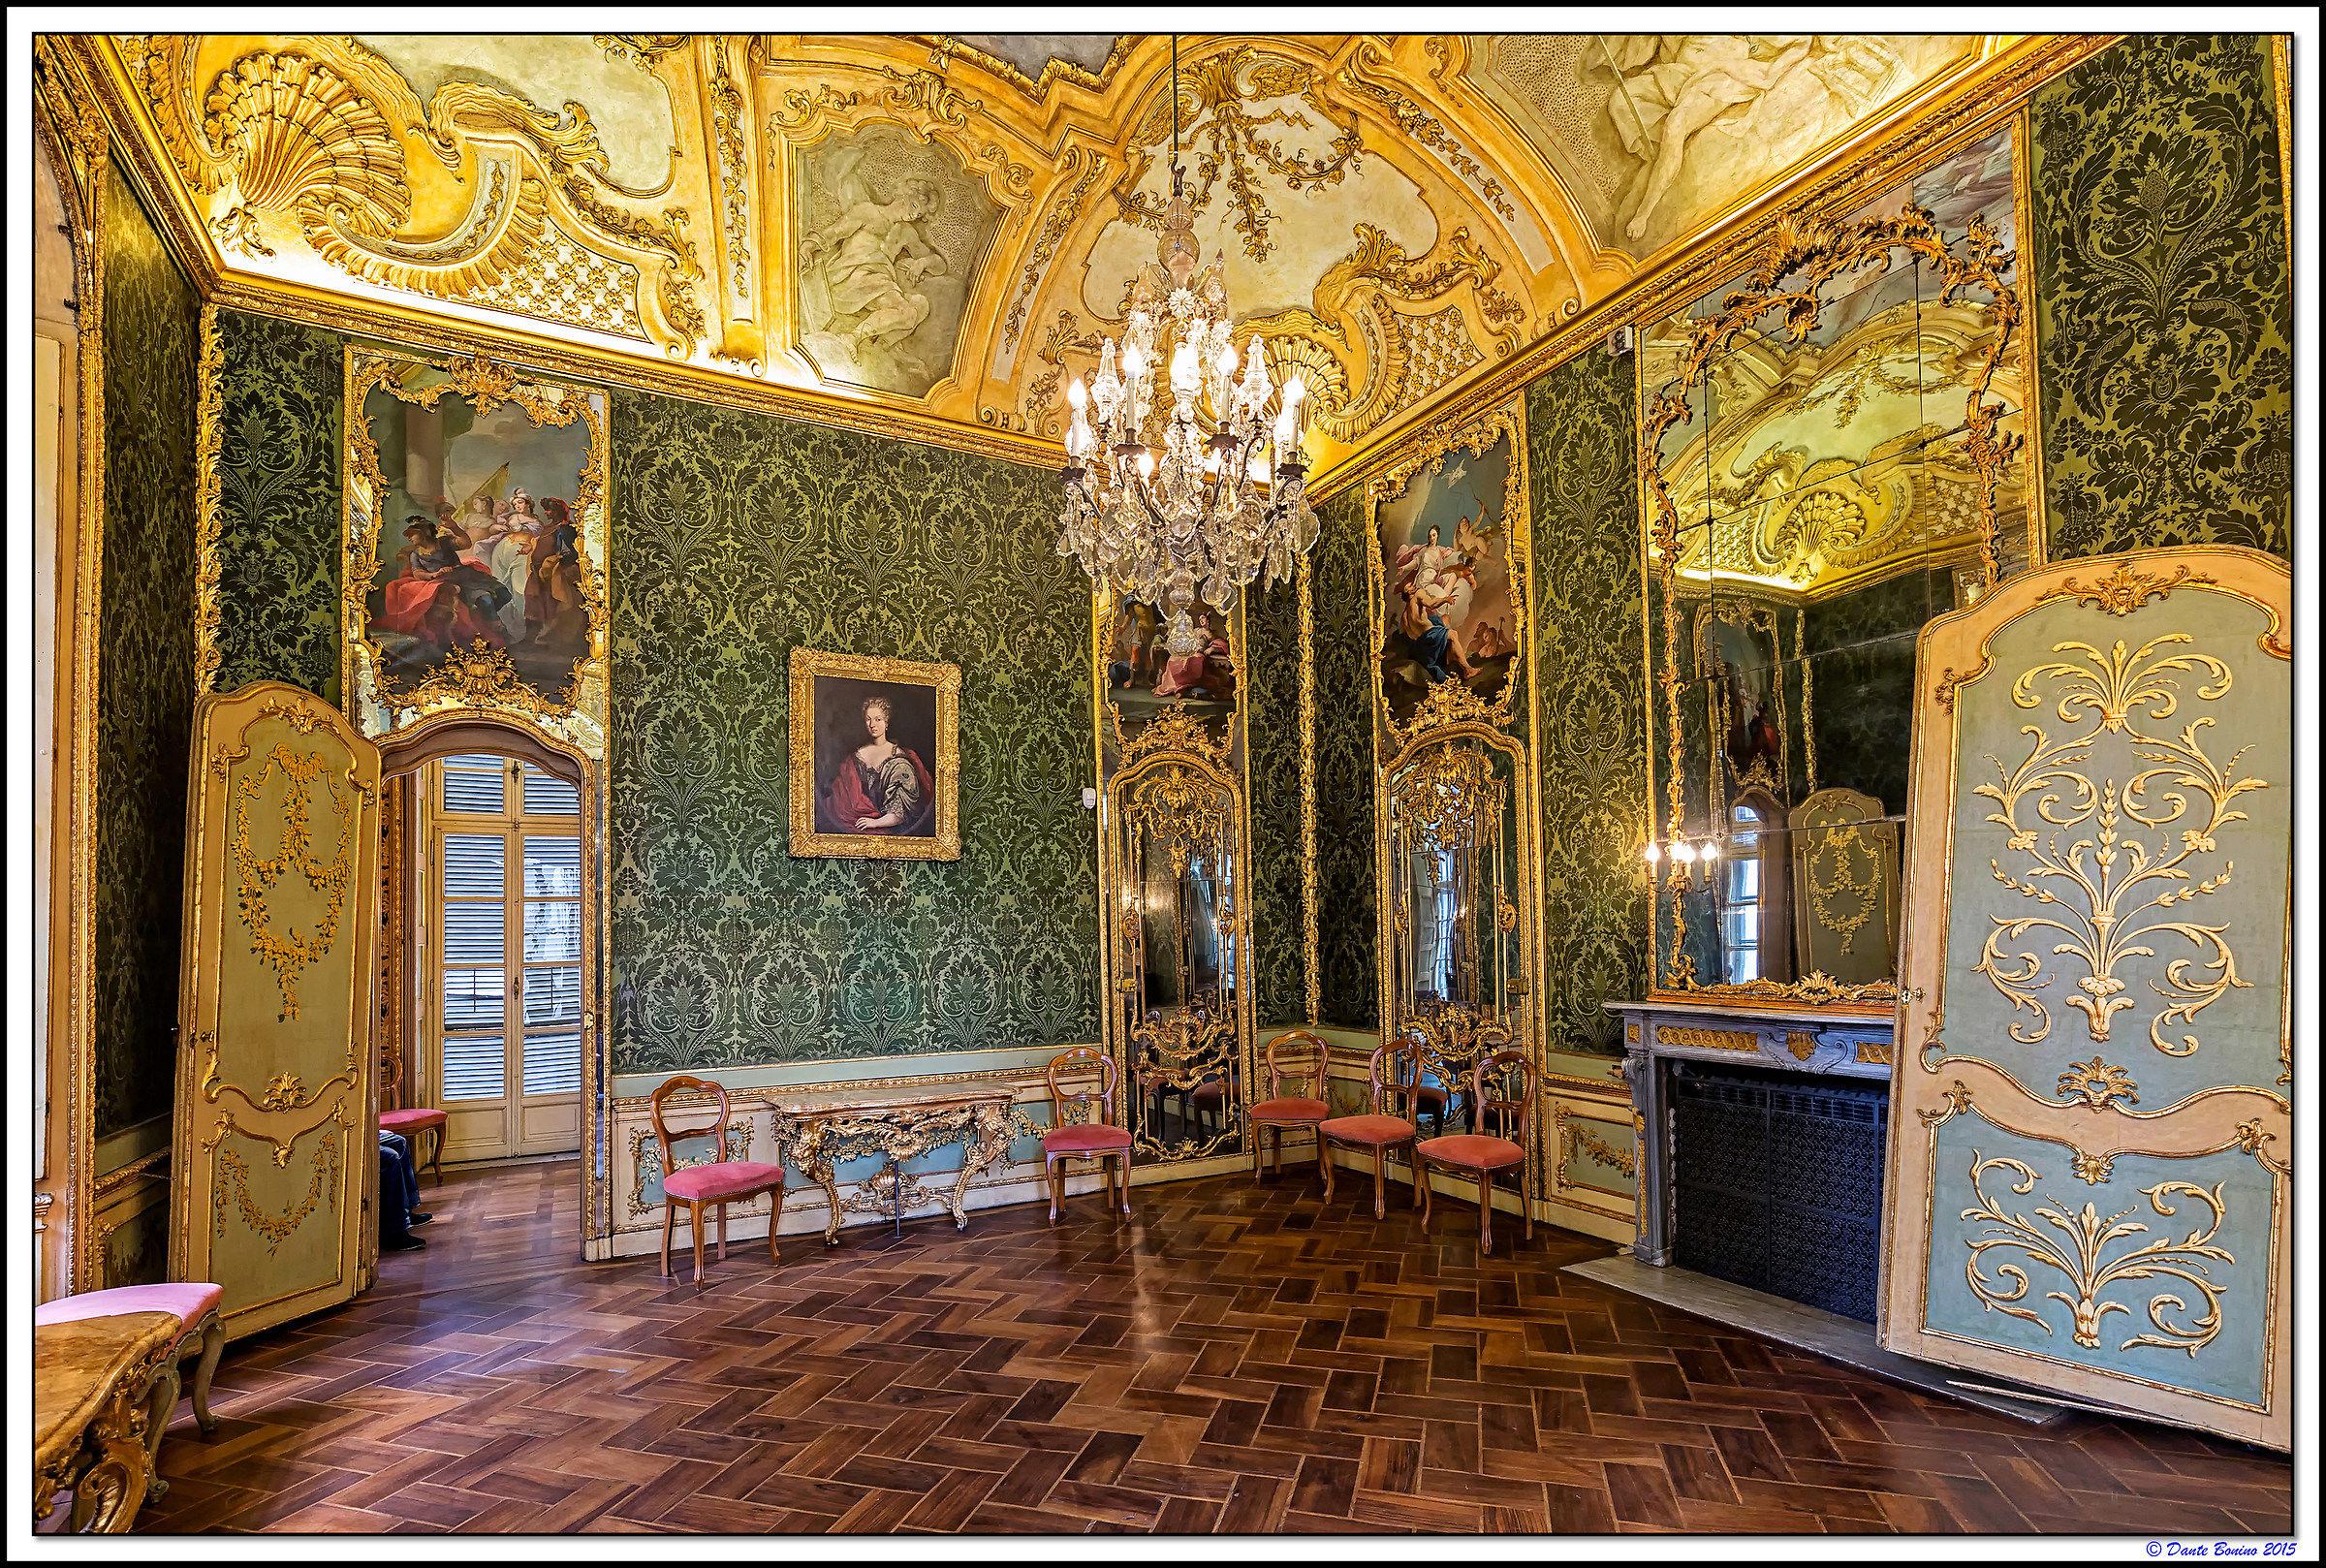 Palazzo barolo la sala degli specchi juzaphoto - Sala degli specchi ...